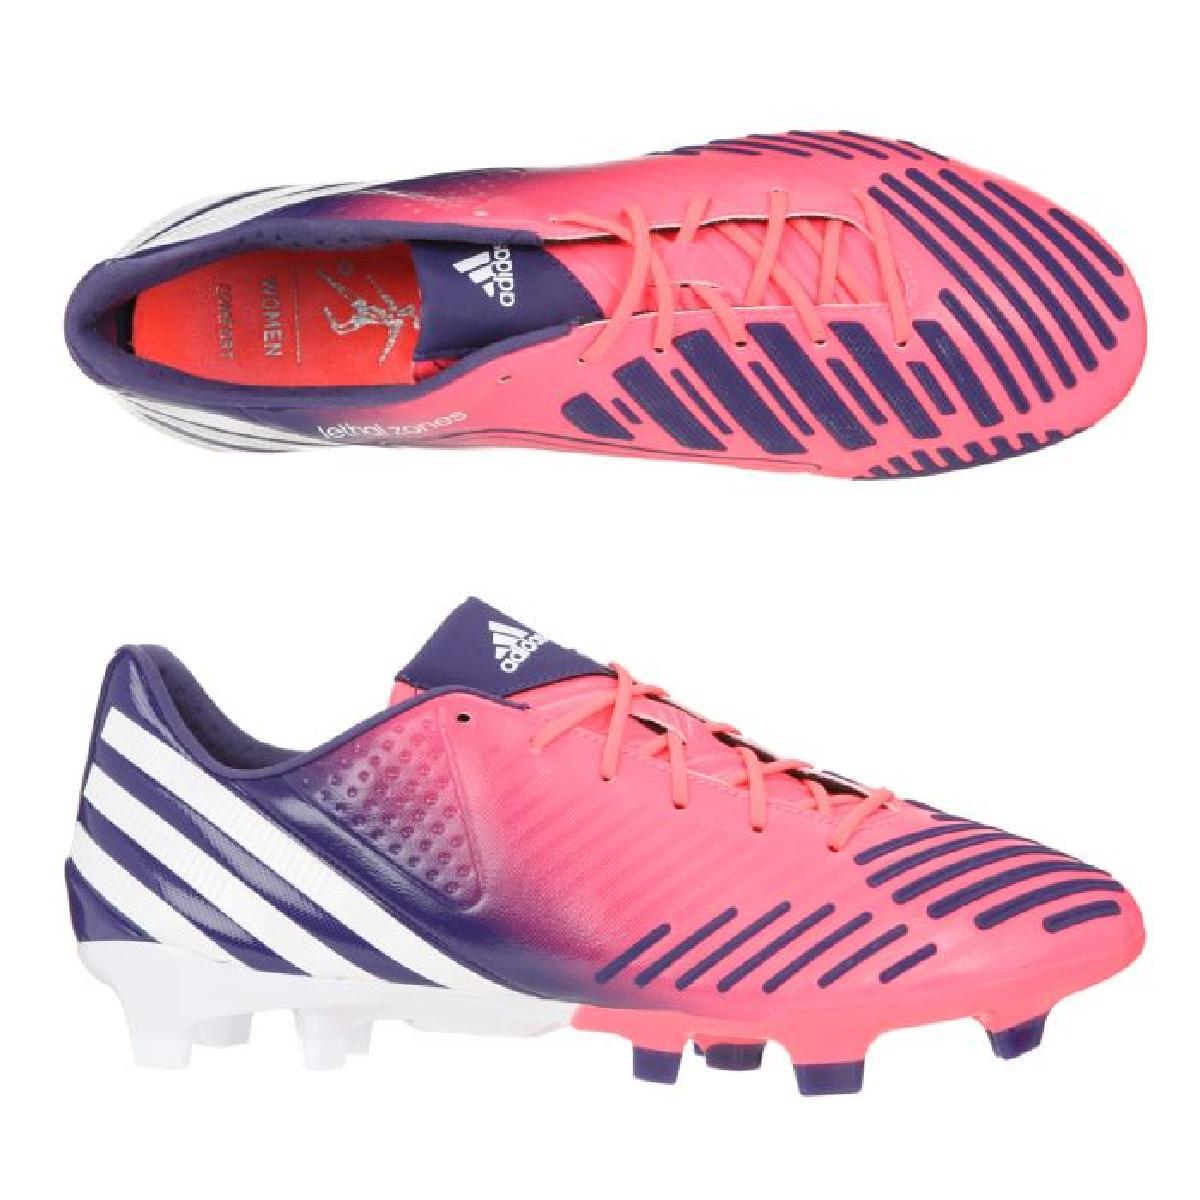 Idwe2yh9 Femme Wxzkuopitl Chaussure Kioptxuwzl De Foot Adidas AR4L5j